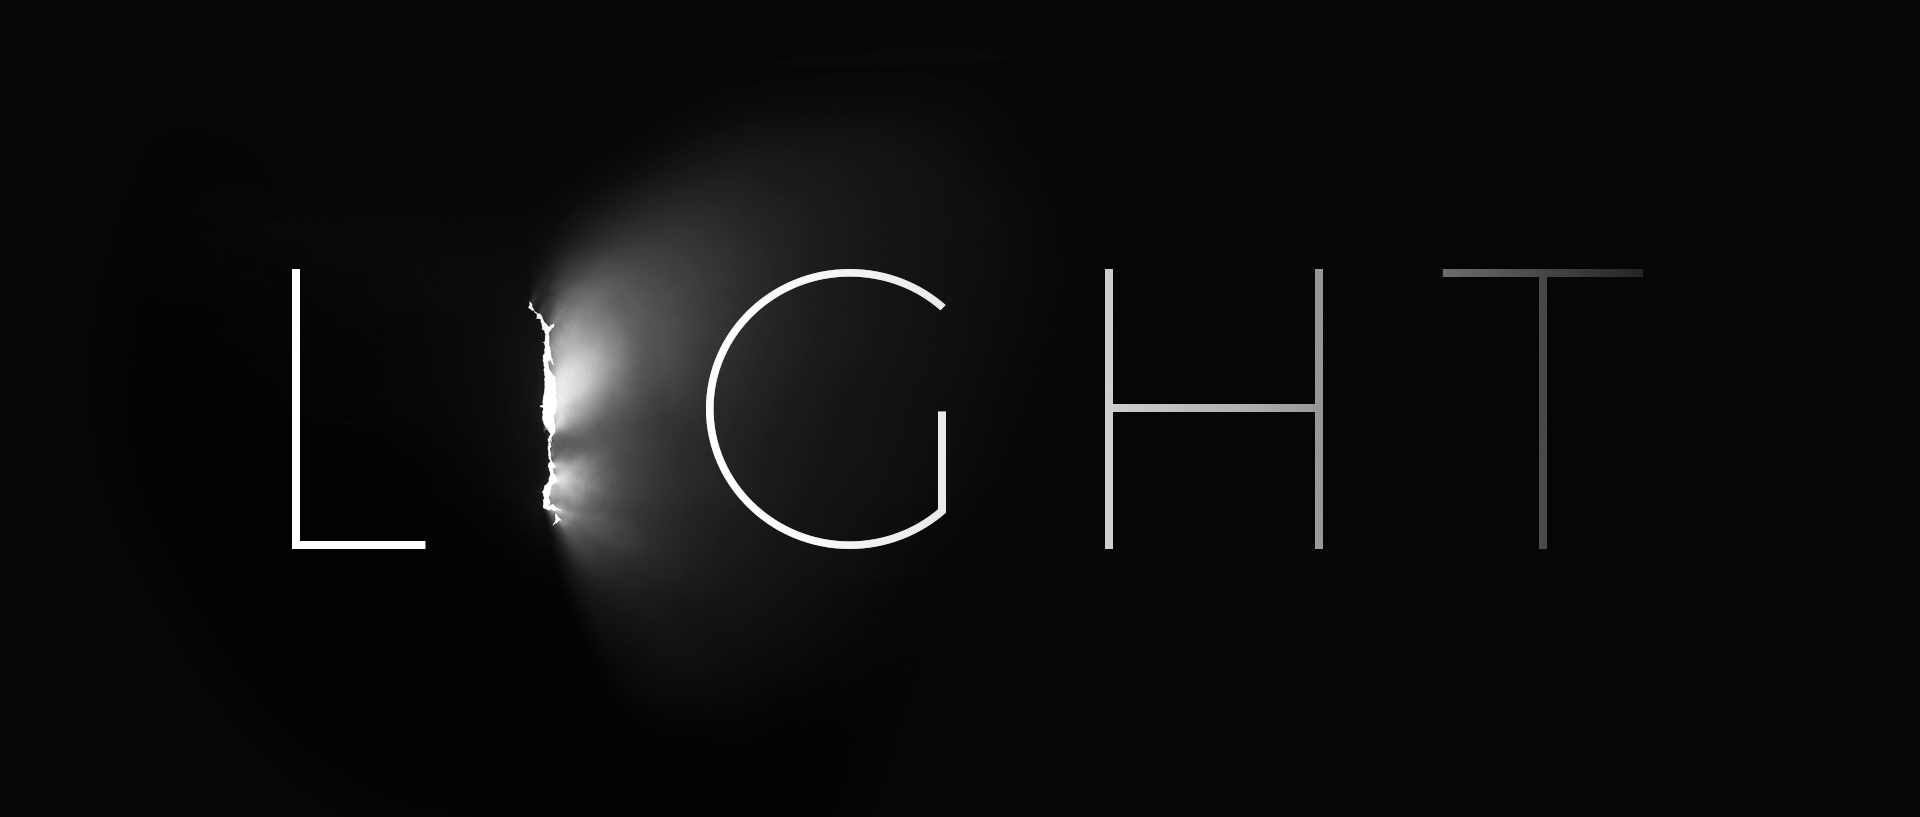 Light_09-06-17.jpg